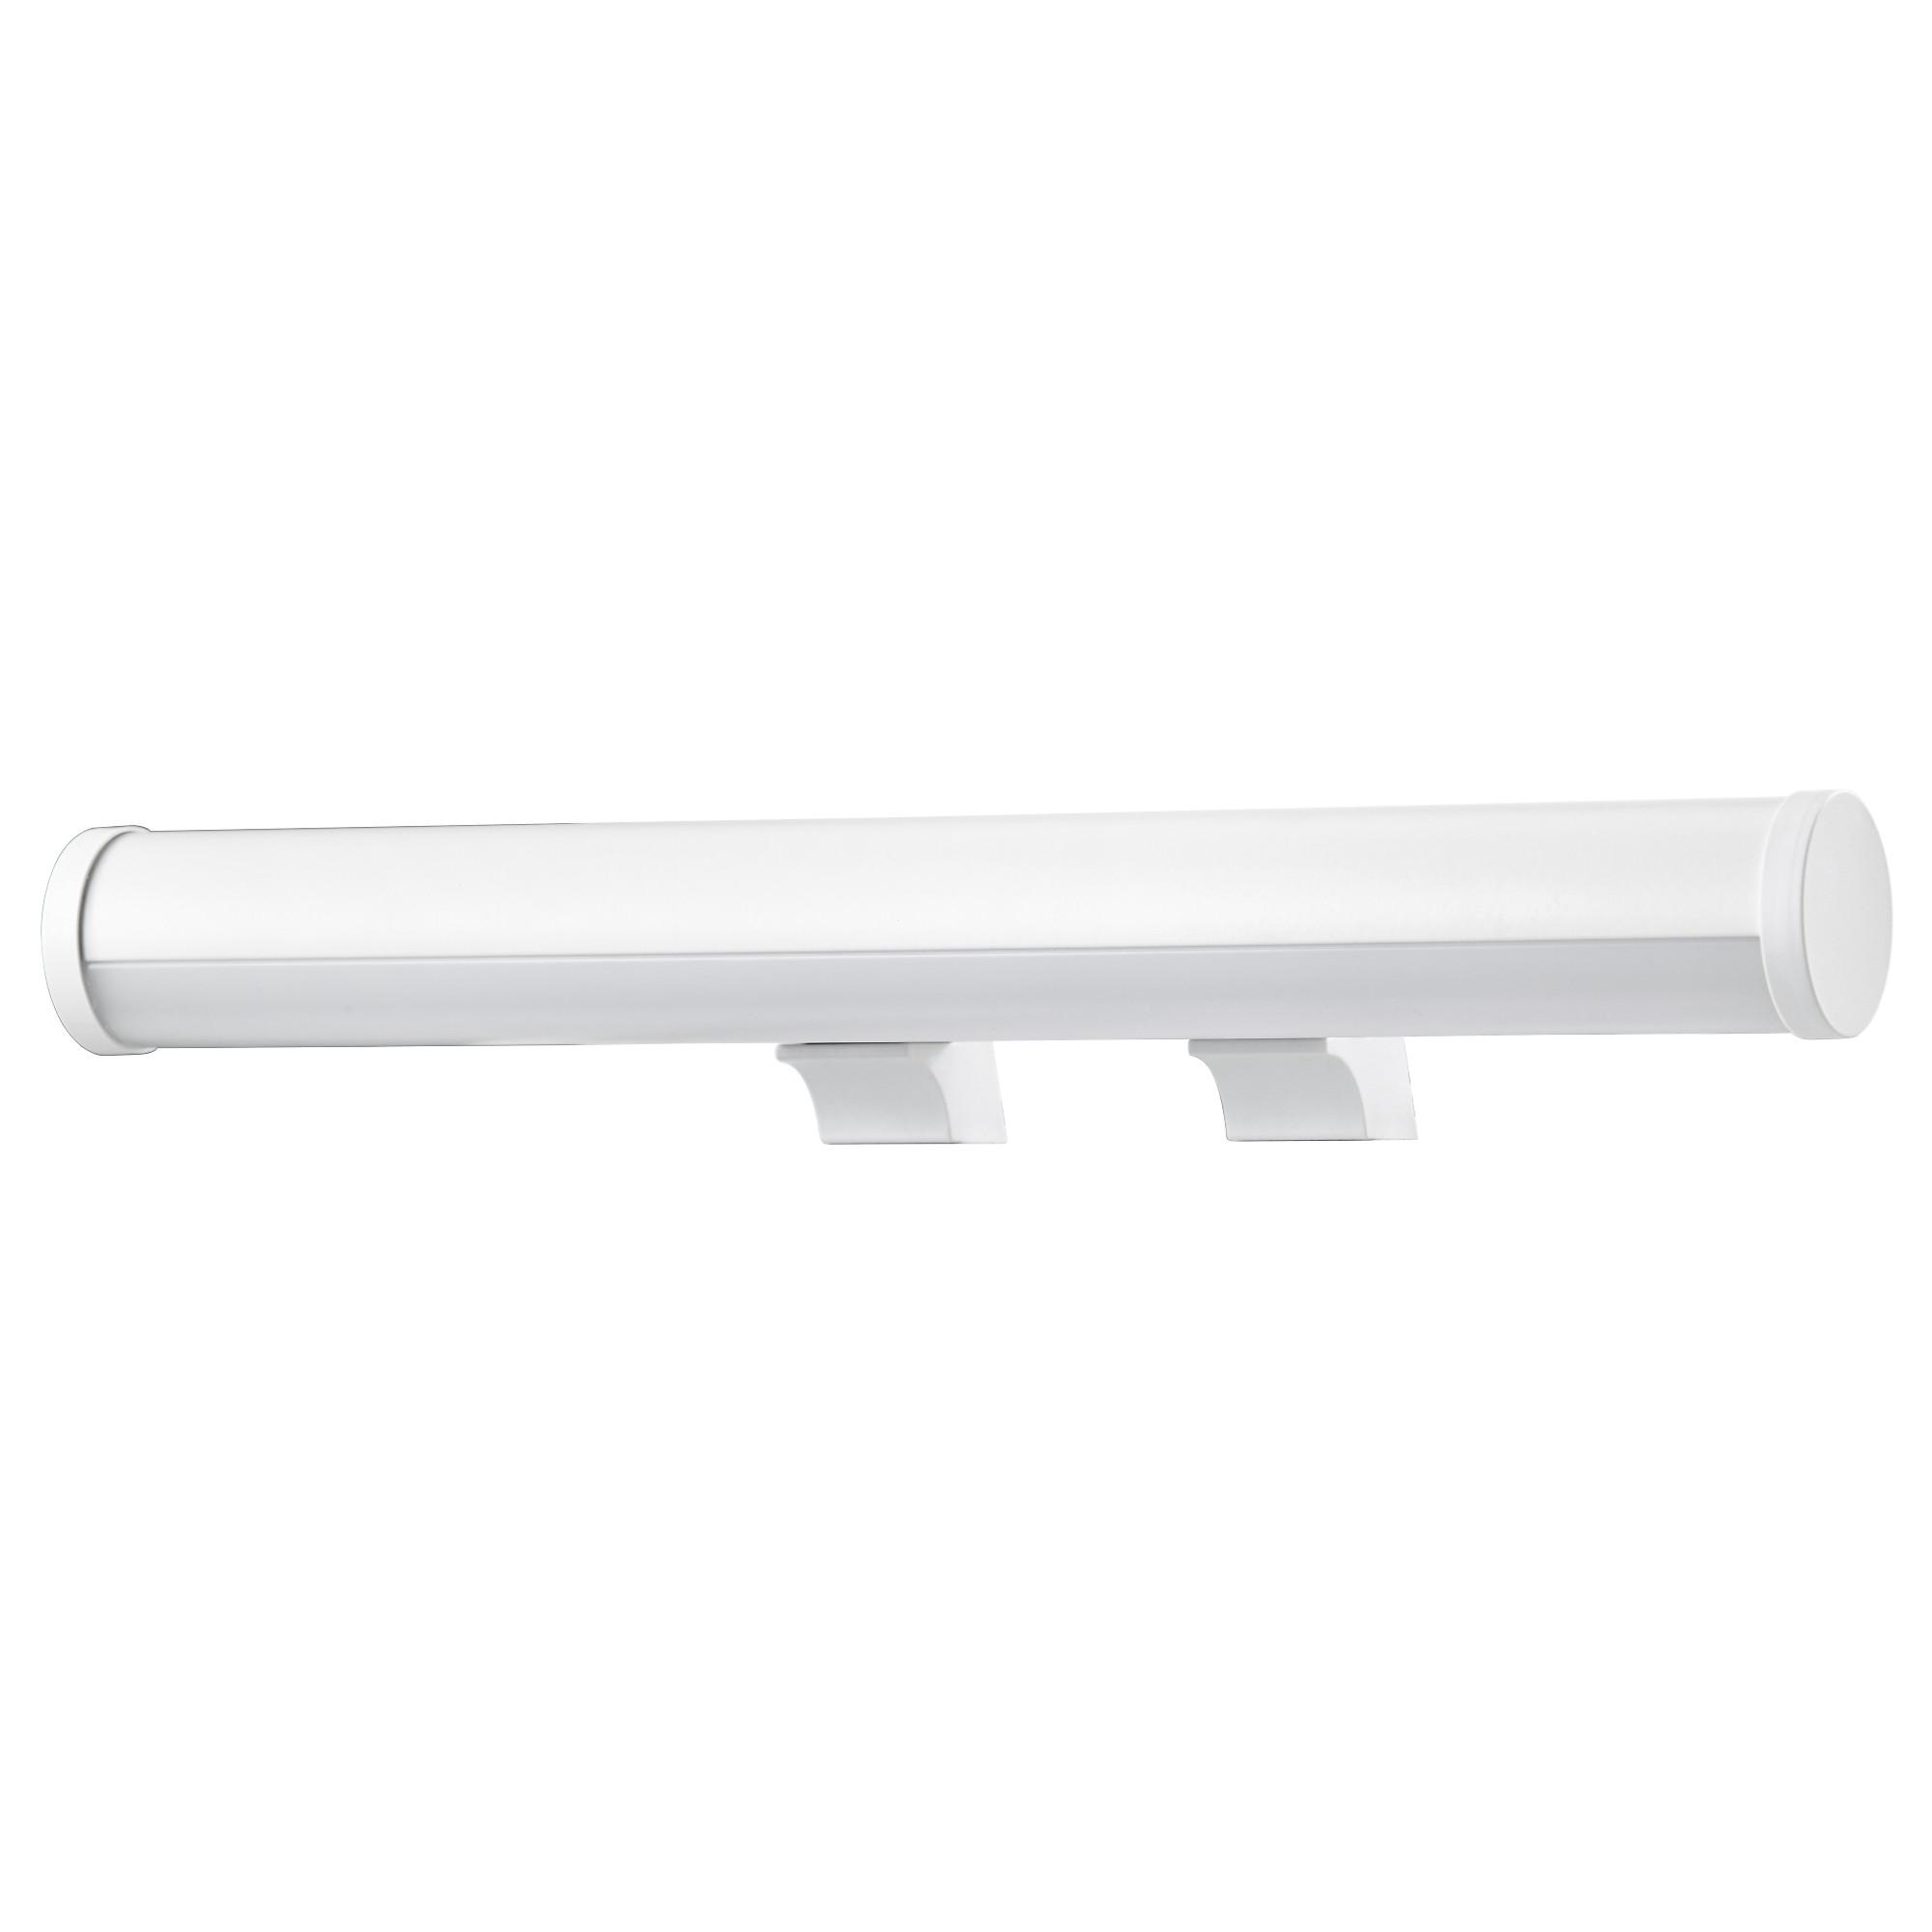 Ikea Bathroom Wall Lamps Komnit, Ikea Bathroom Wall Lights